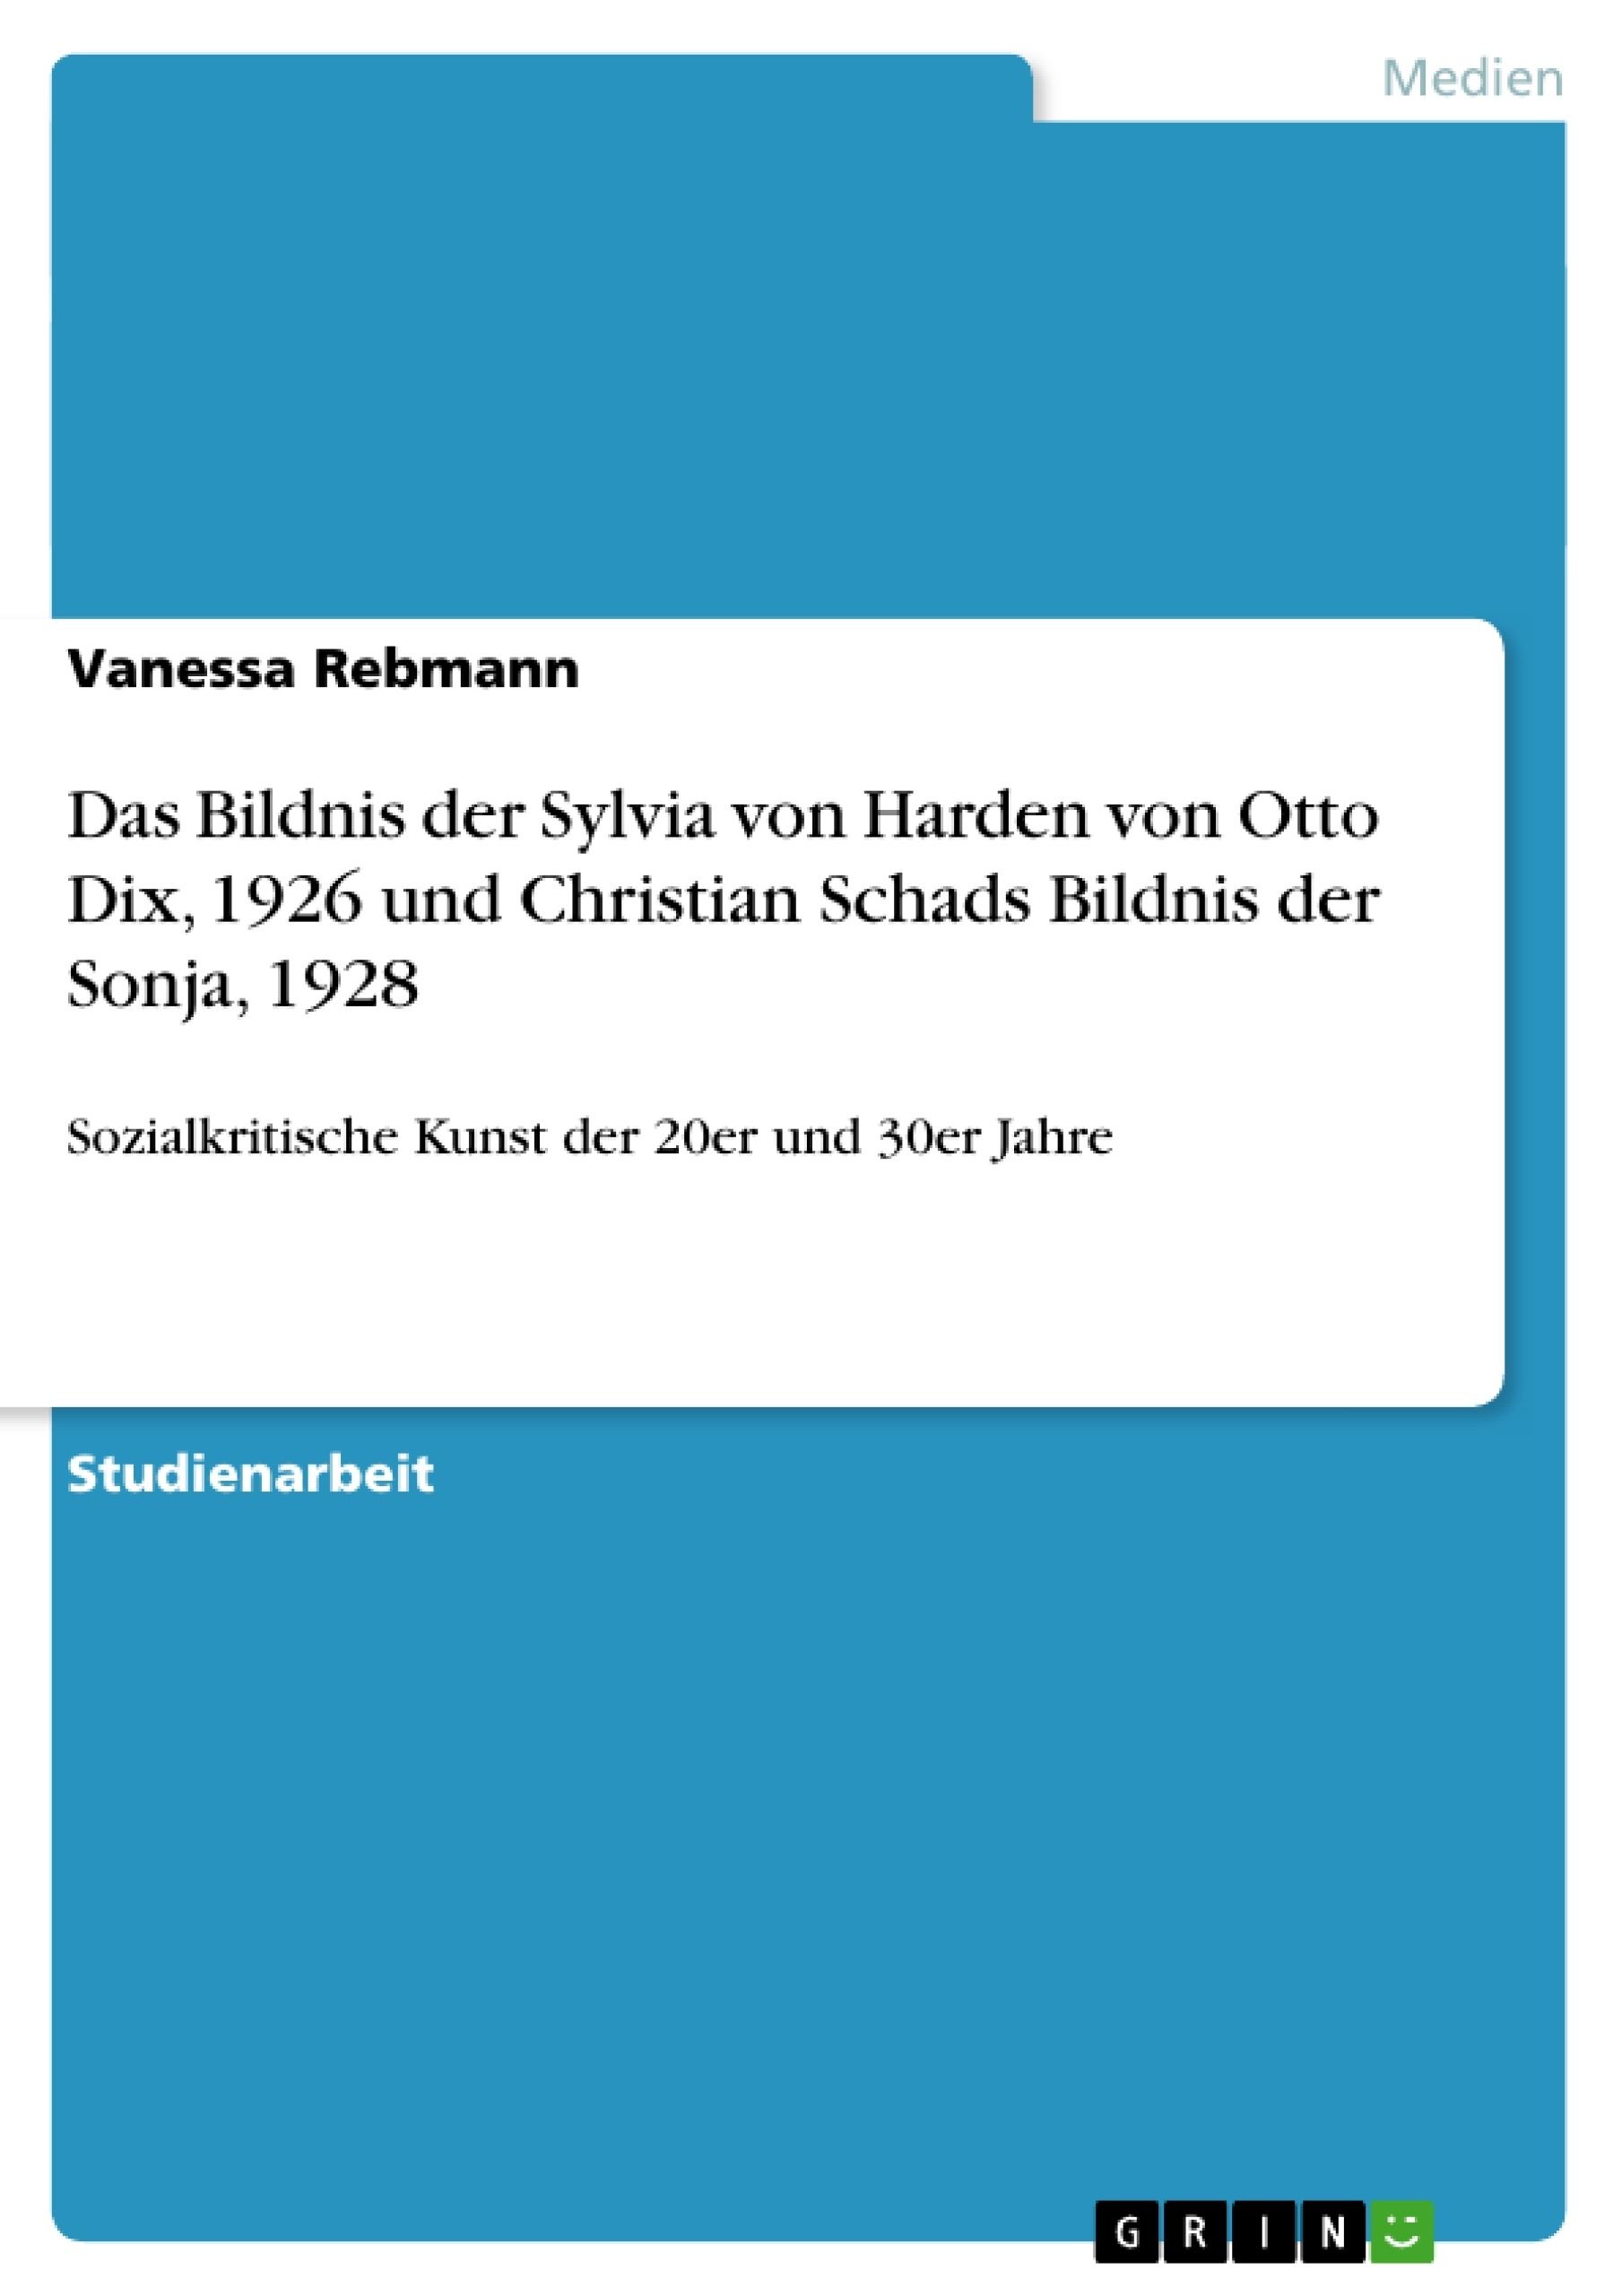 Titel: Das Bildnis der Sylvia von Harden von Otto Dix, 1926  und Christian Schads Bildnis der Sonja, 1928